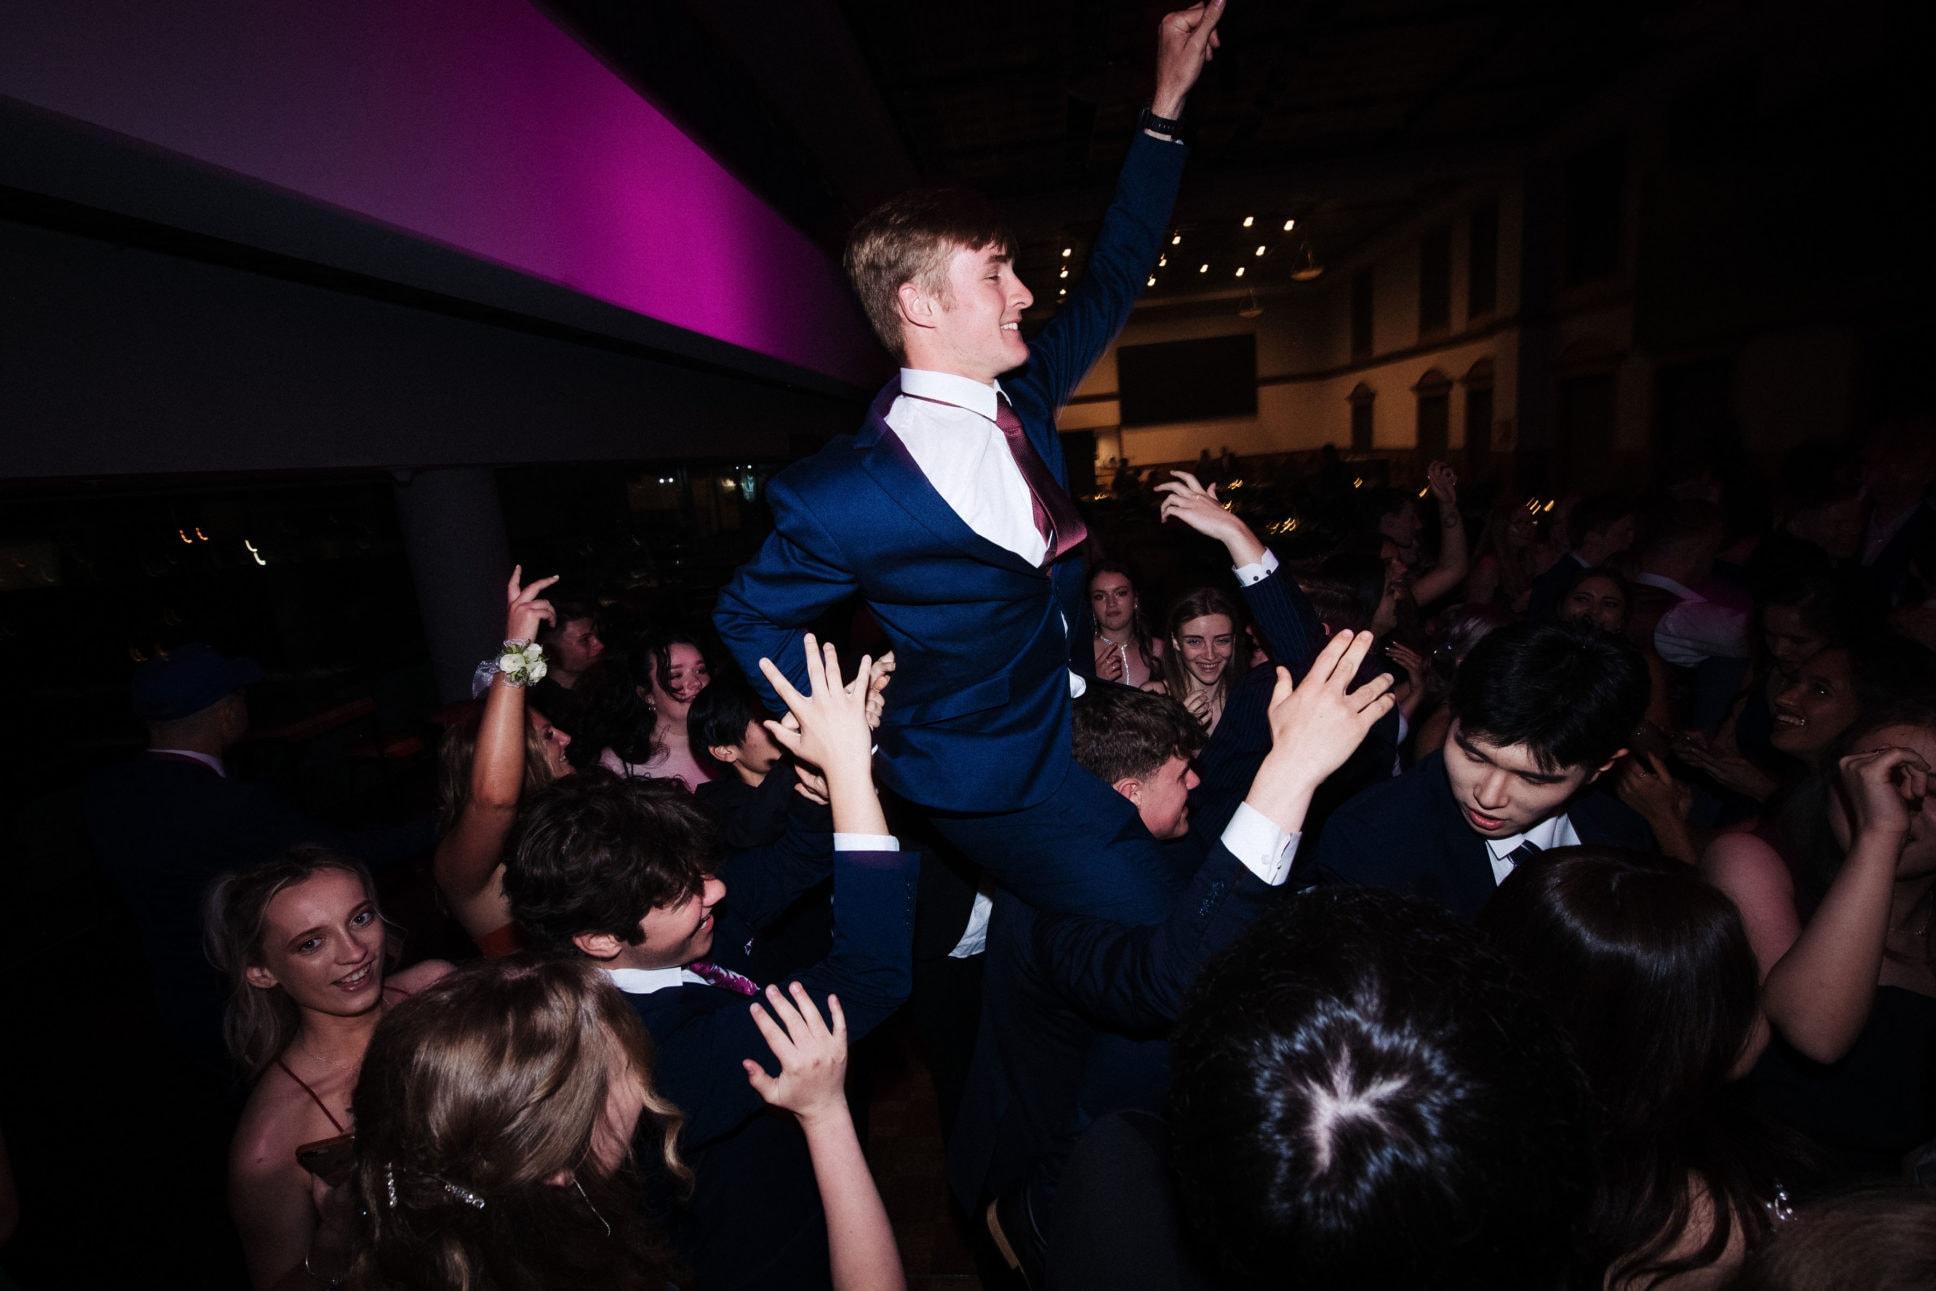 Fun on dance floor at school ball held at Auckland's Eden Park.